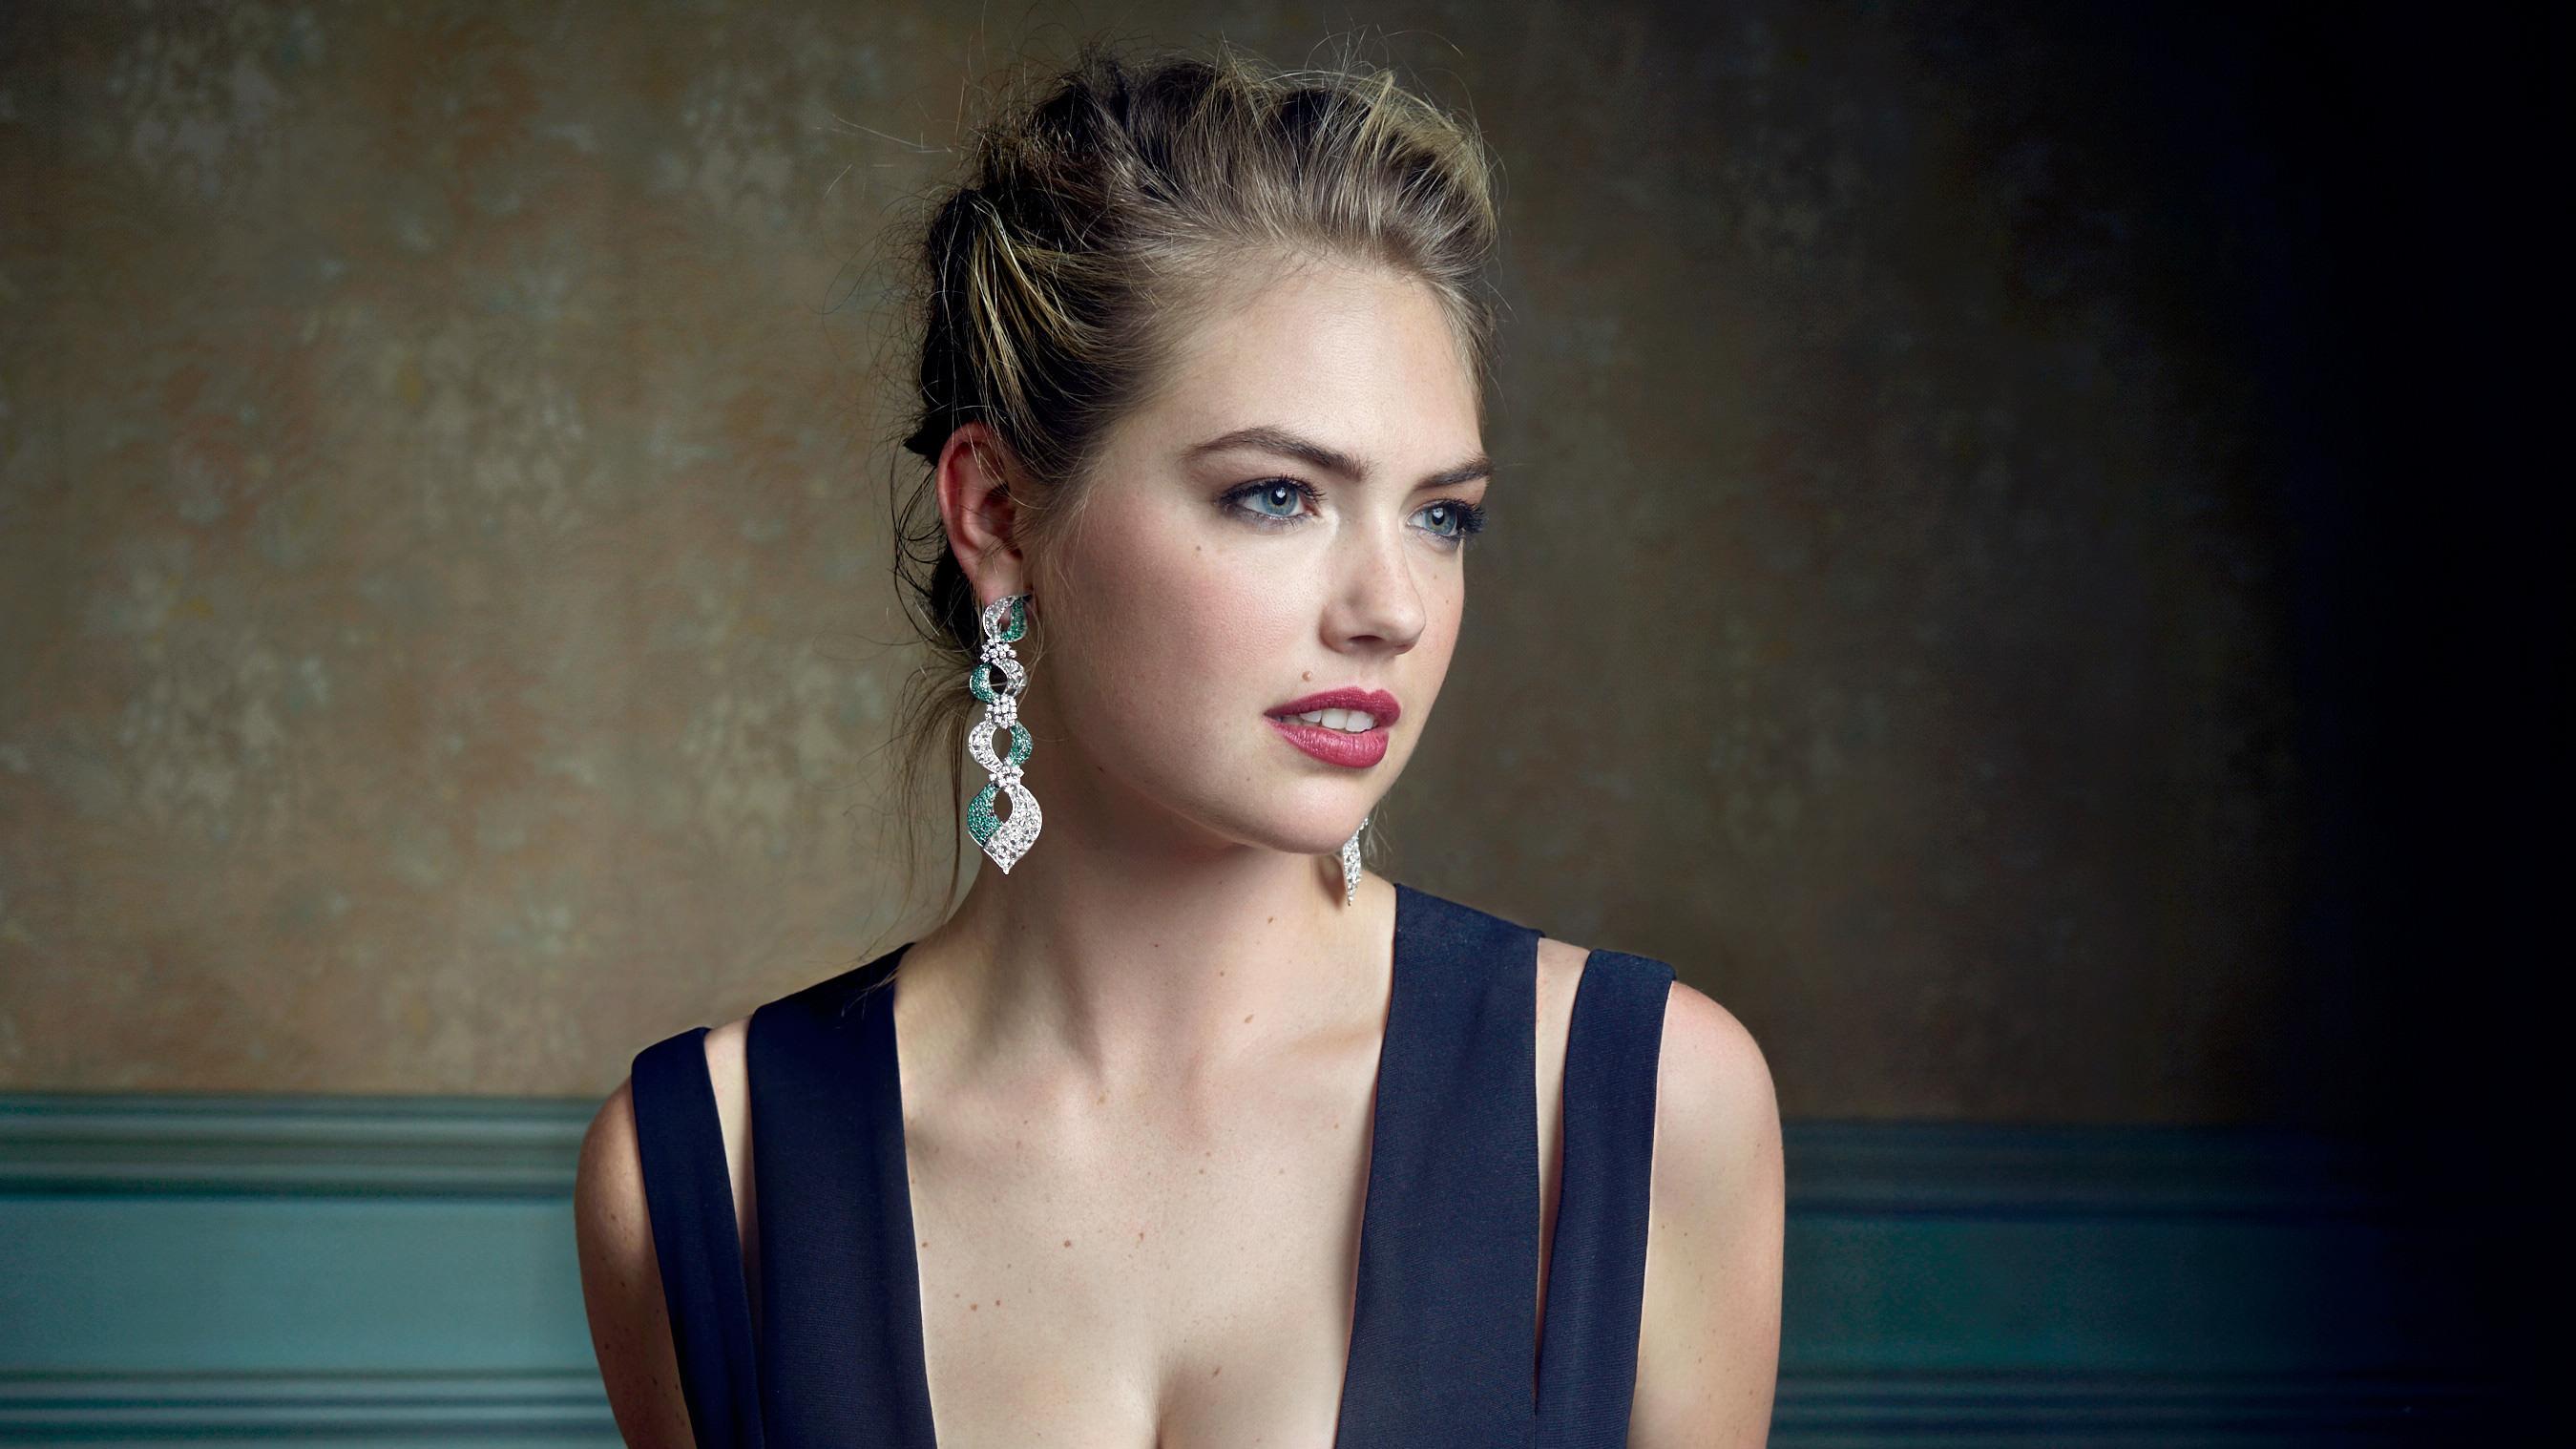 Kate Upton Celebrity Hd Wallpaper 68429 2699x1518px